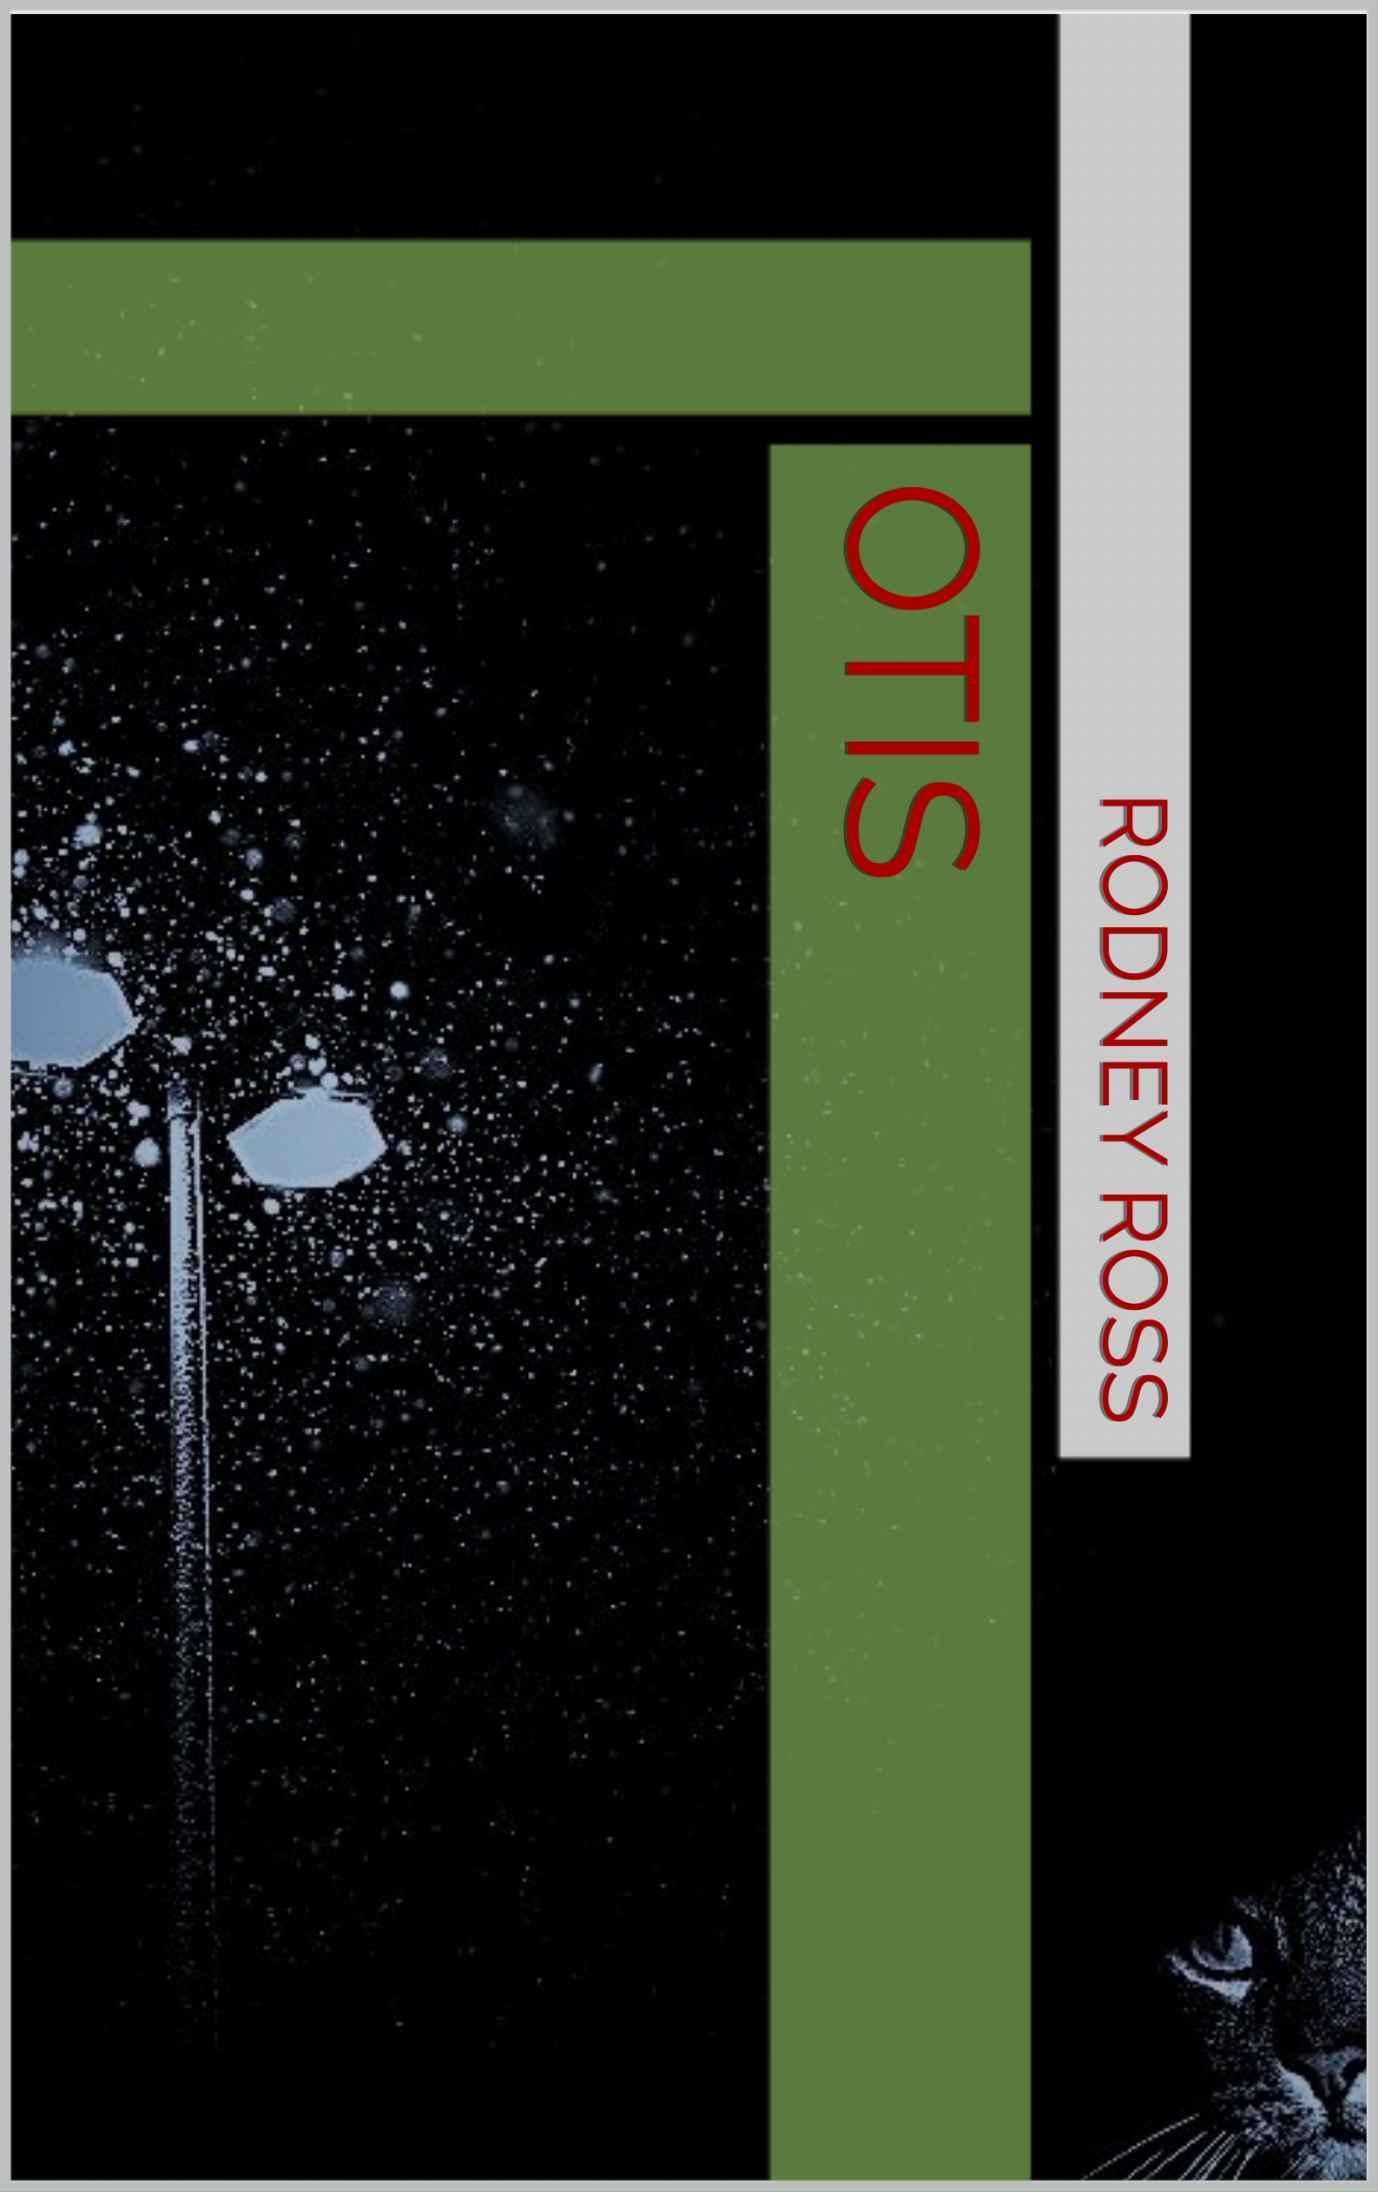 Otis - Rodney Ross